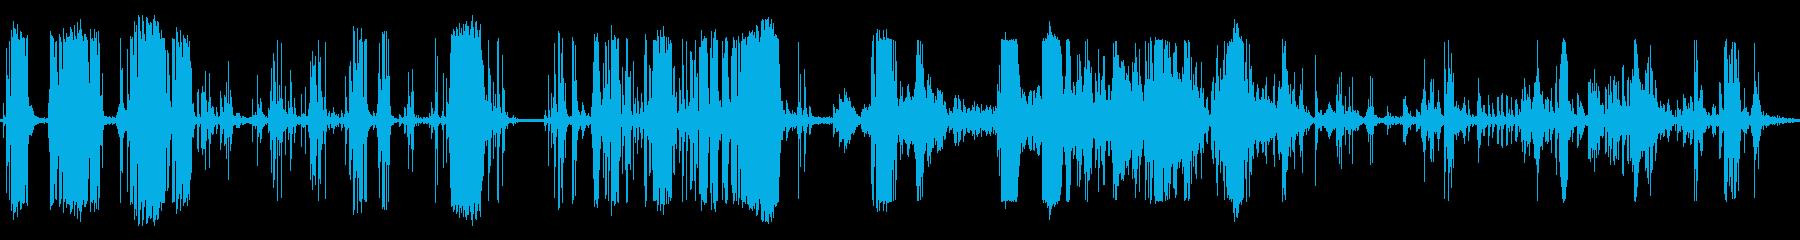 きしむ音を立てる金属アルミニウムの再生済みの波形